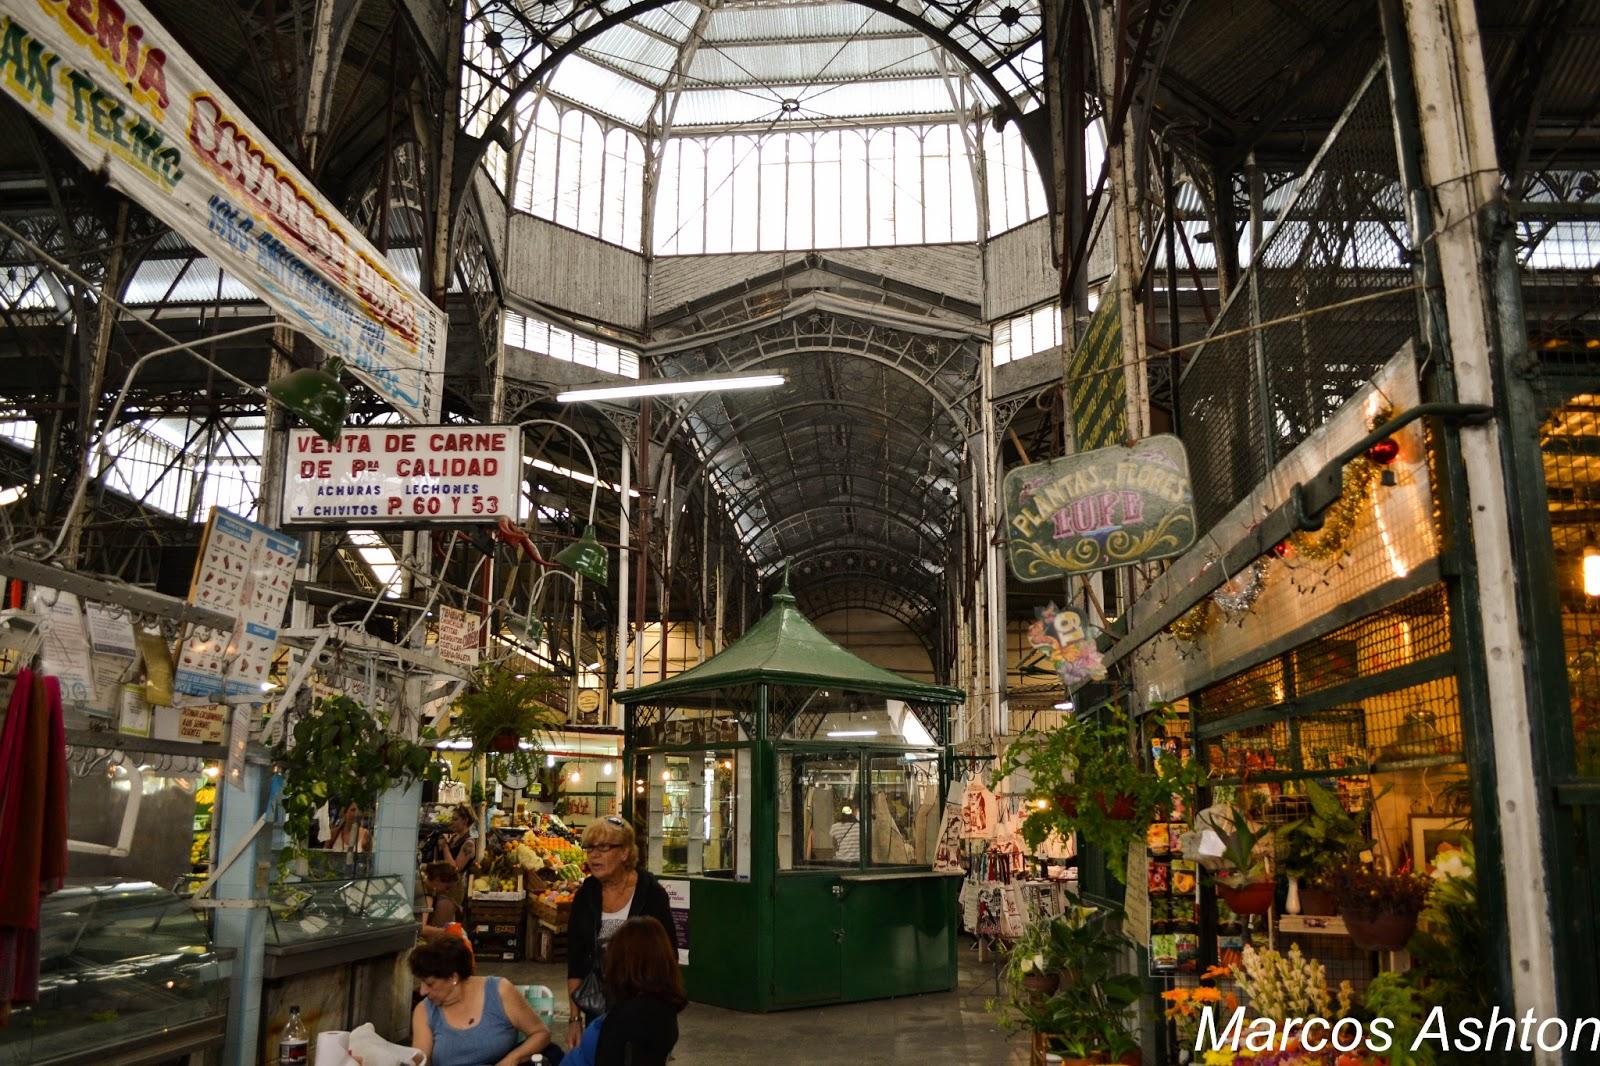 Misteriosabsas Mercado San Telmo San Telmo Market